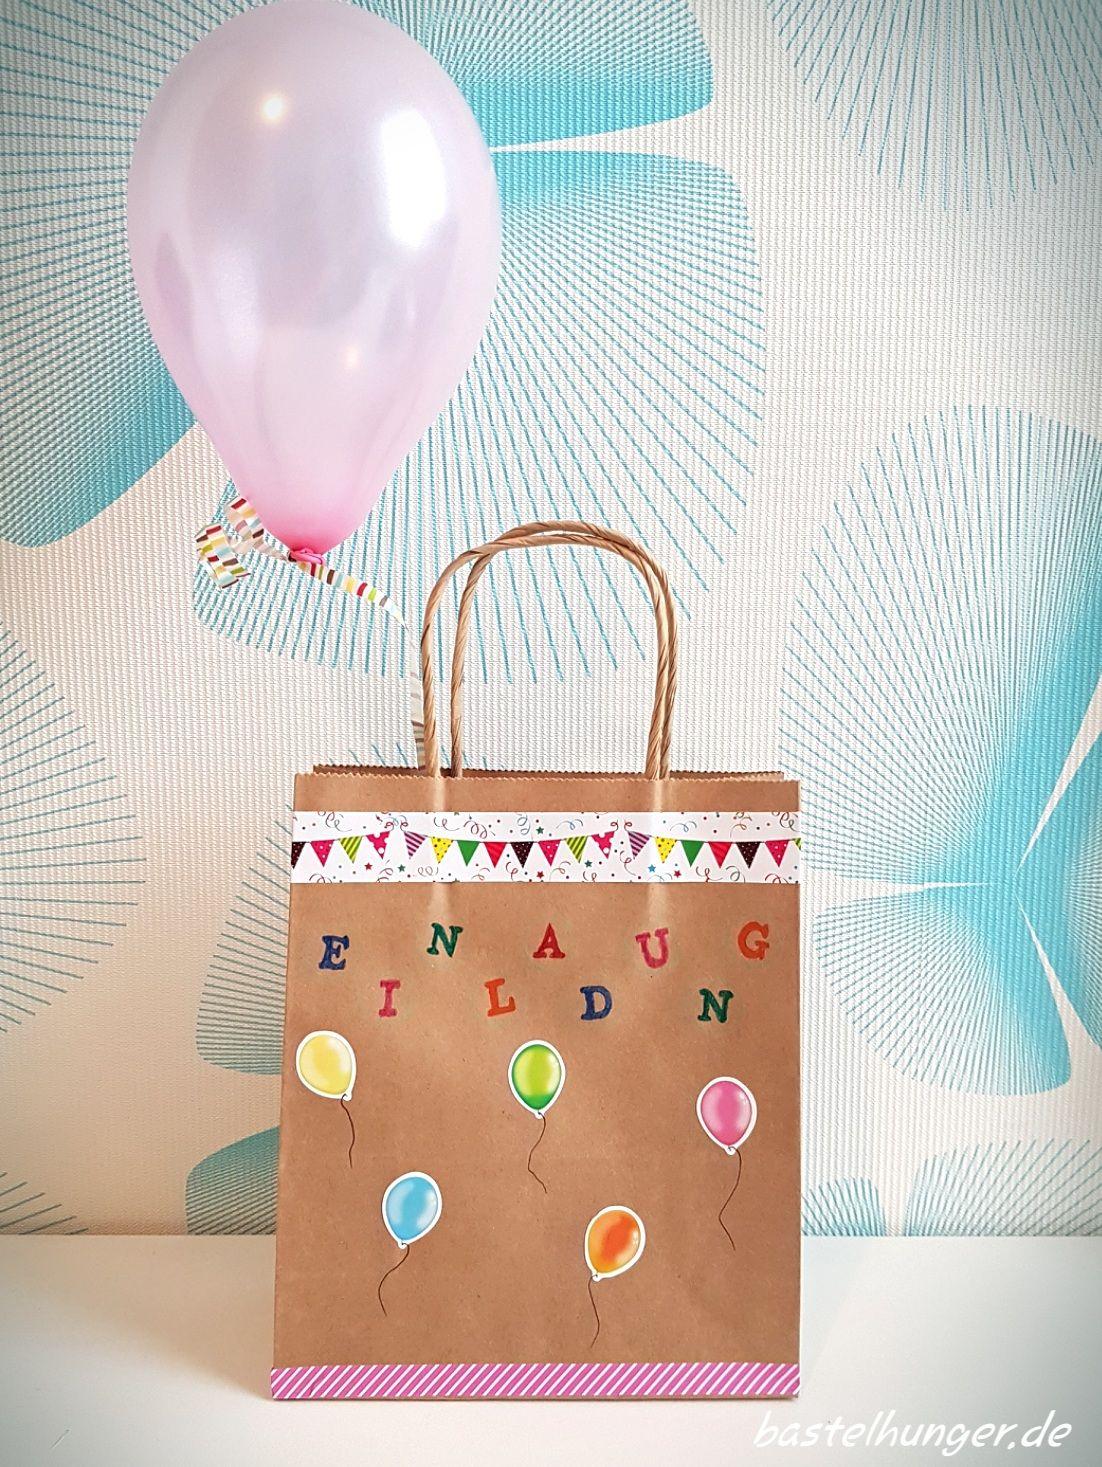 Einladung Zum Kindergeburtstag Beim Thema Luftballons.